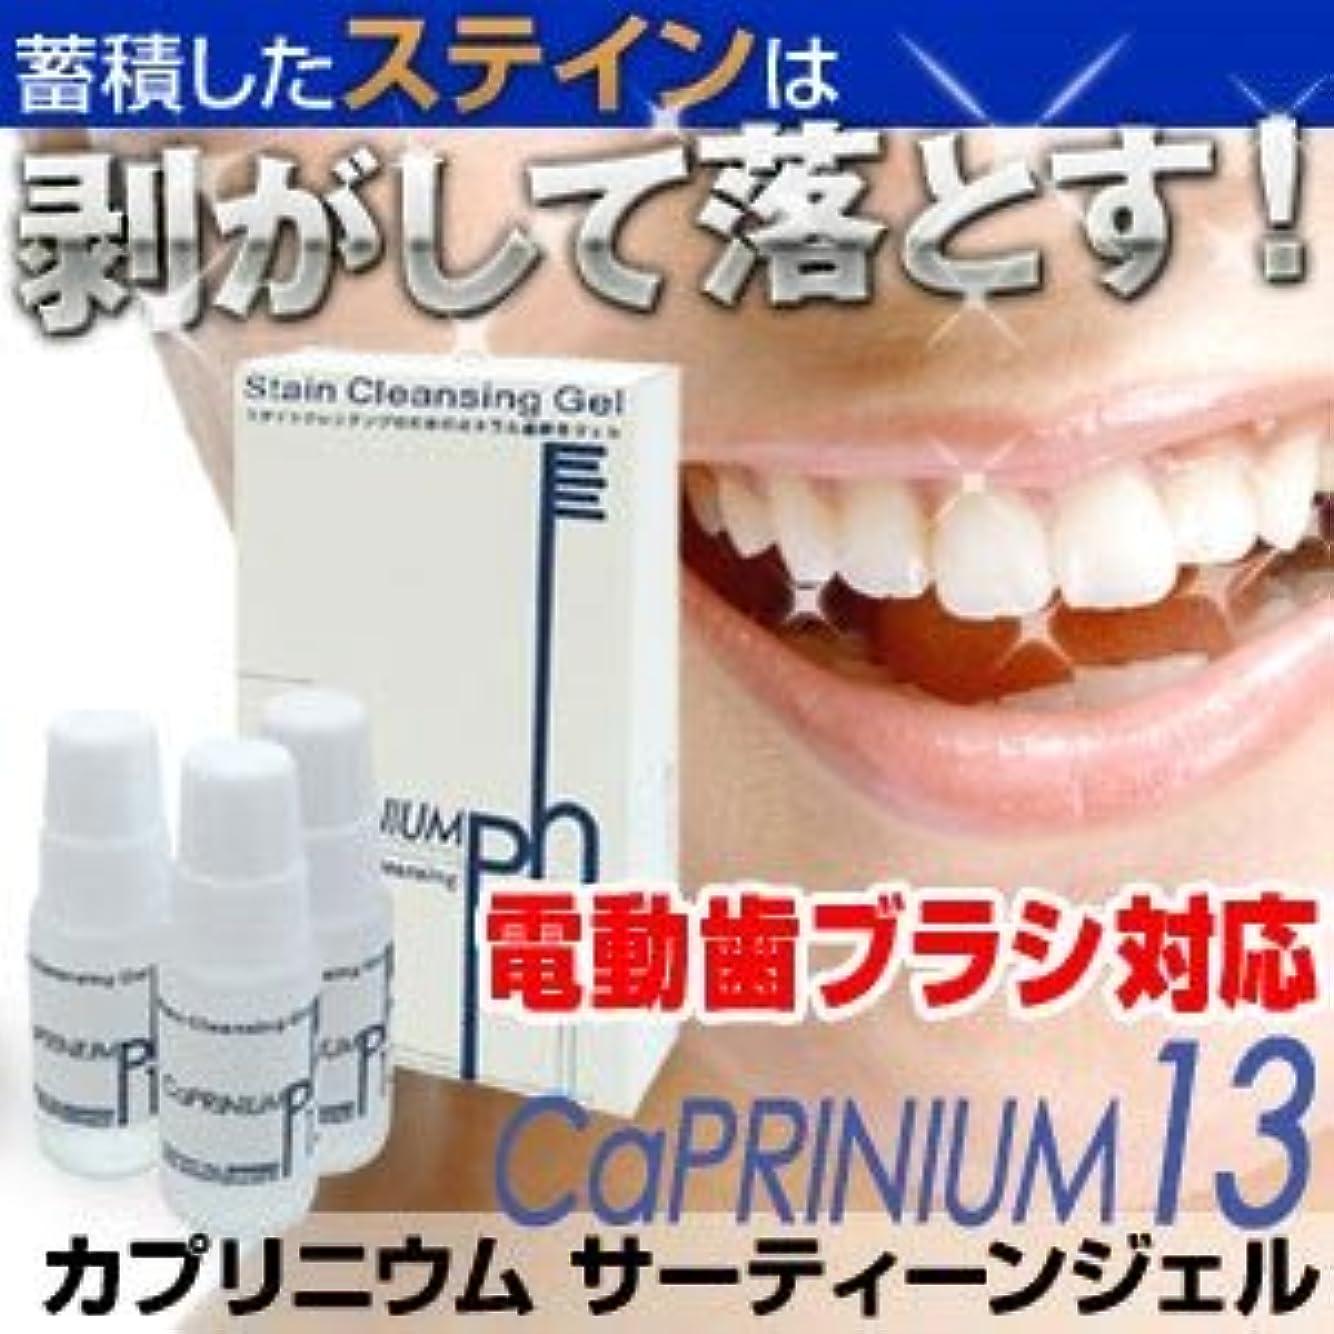 護衛ミニ磁器カプリニウム サーティーンジェル(CaPRINIUM 13) 新発想のホワイトニング歯磨きジェル